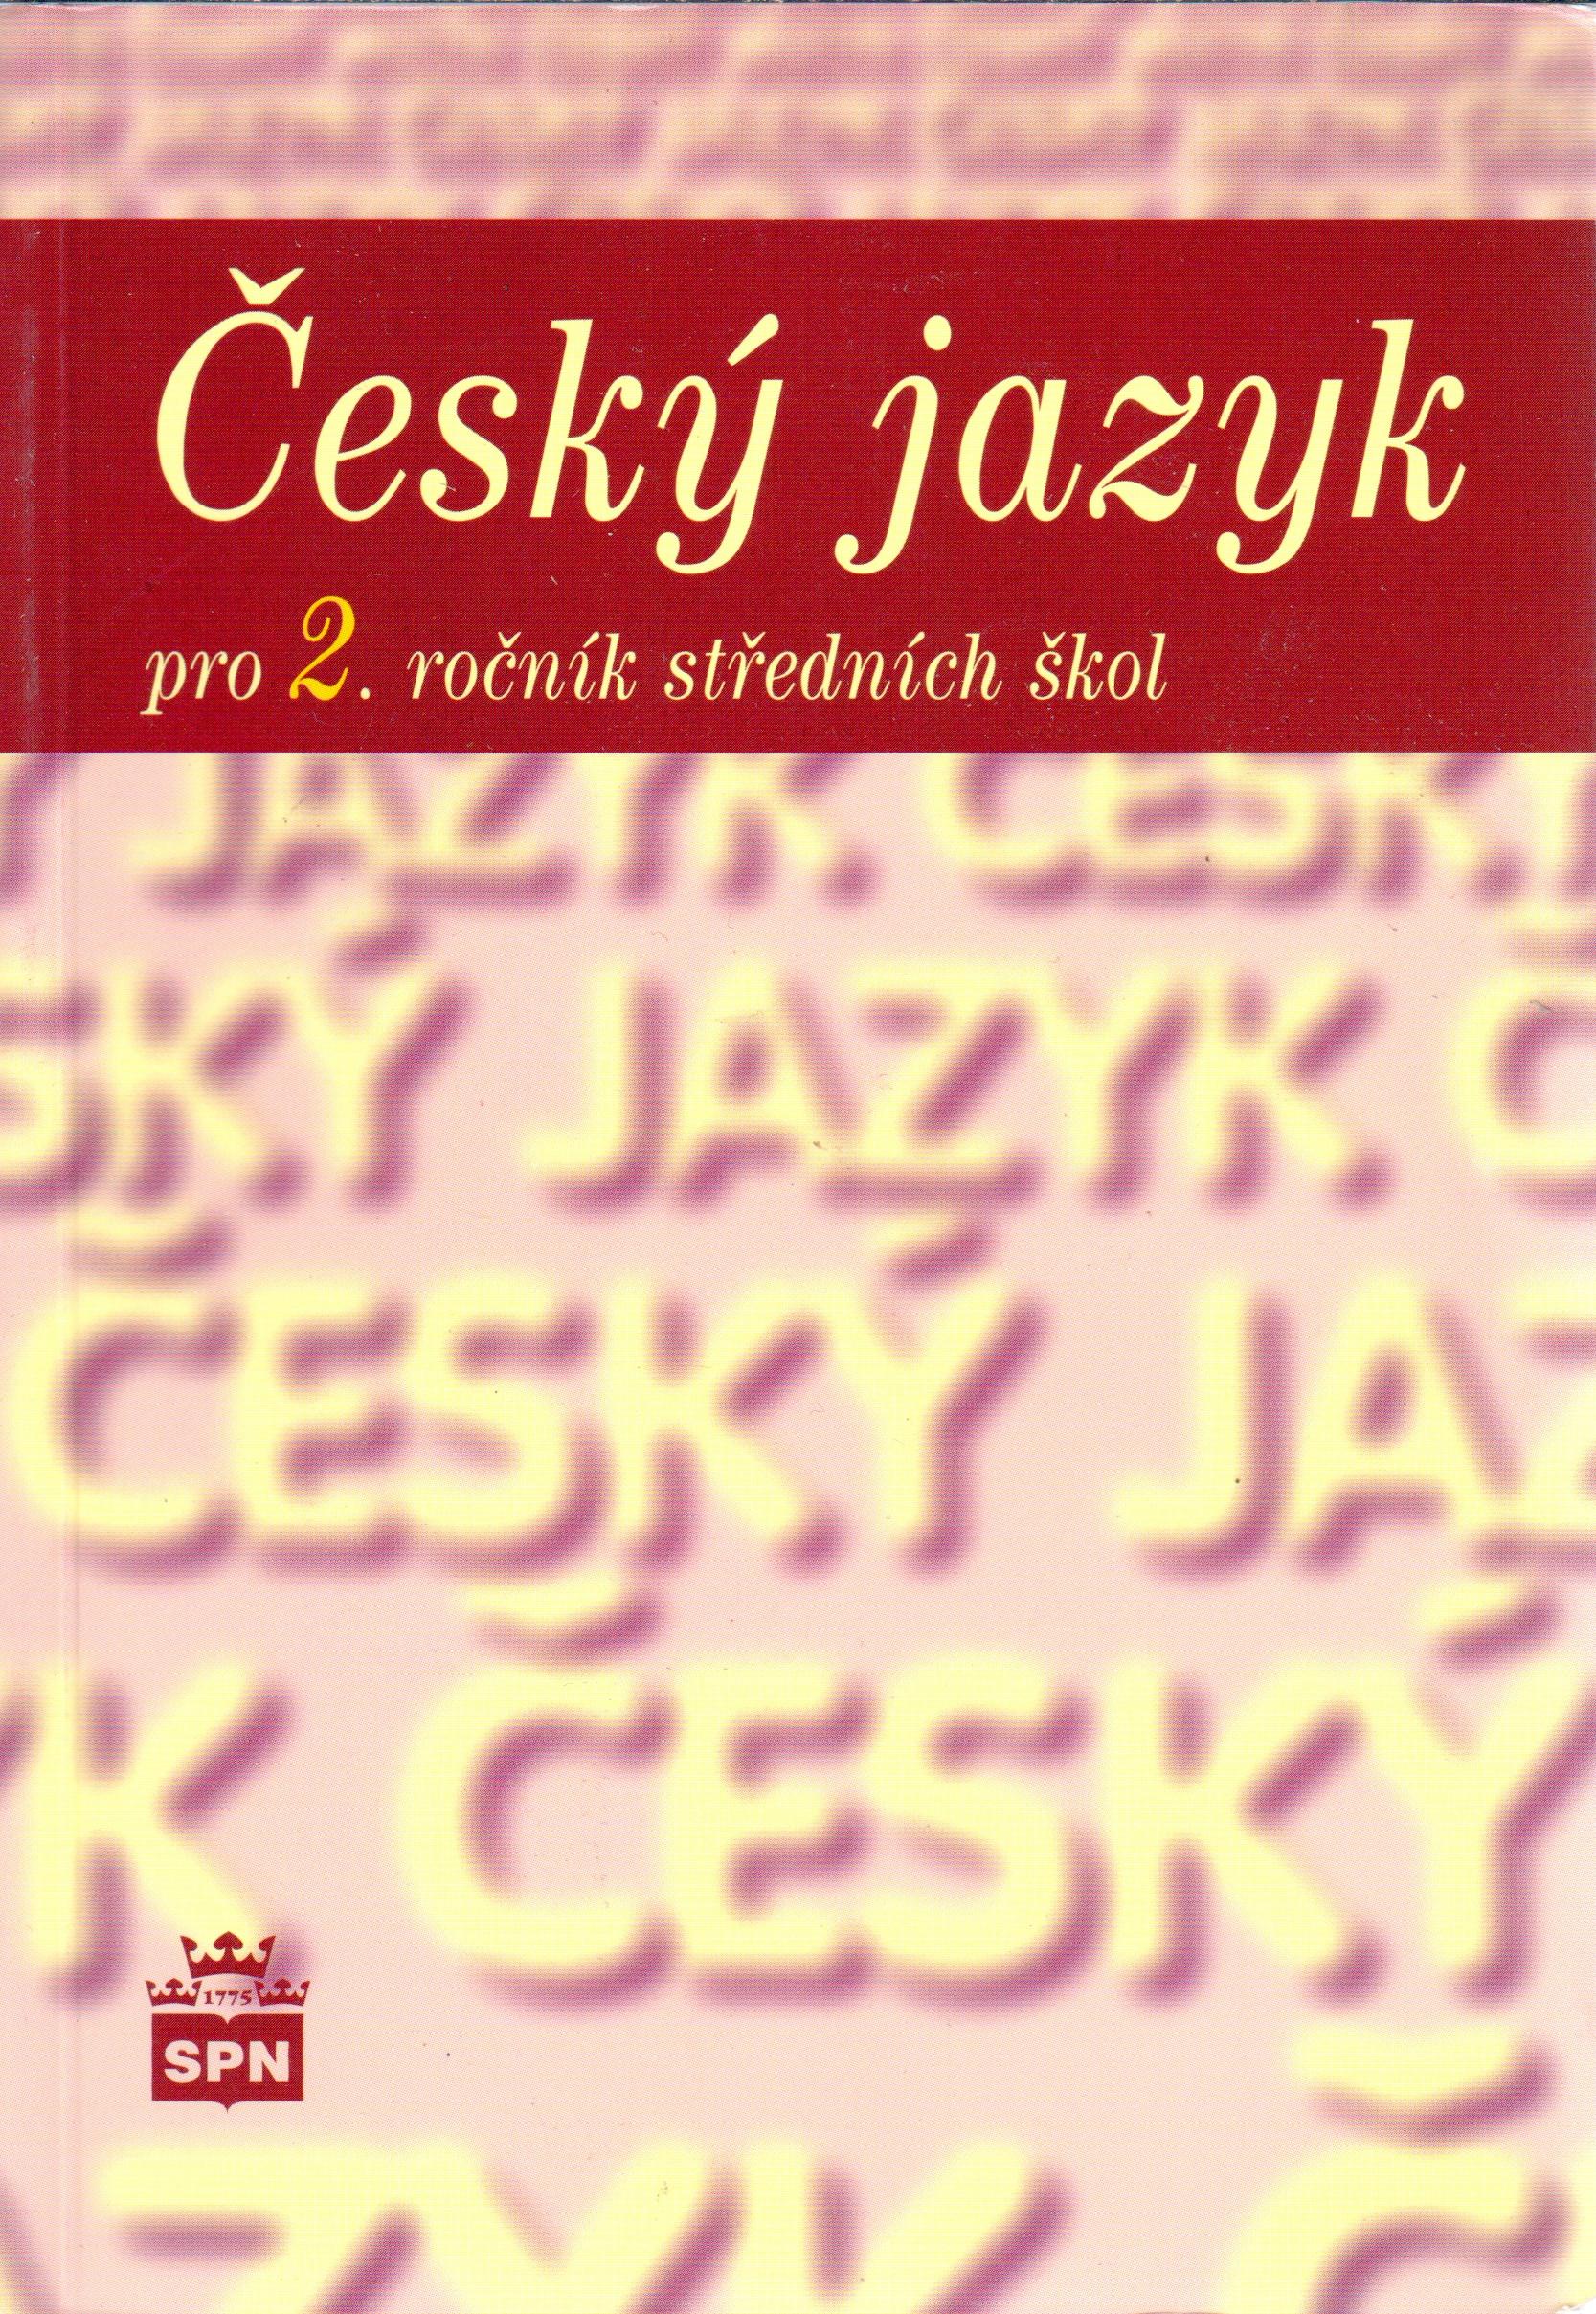 Český jazyk pro 2. ročník středních škol - Náhled učebnice